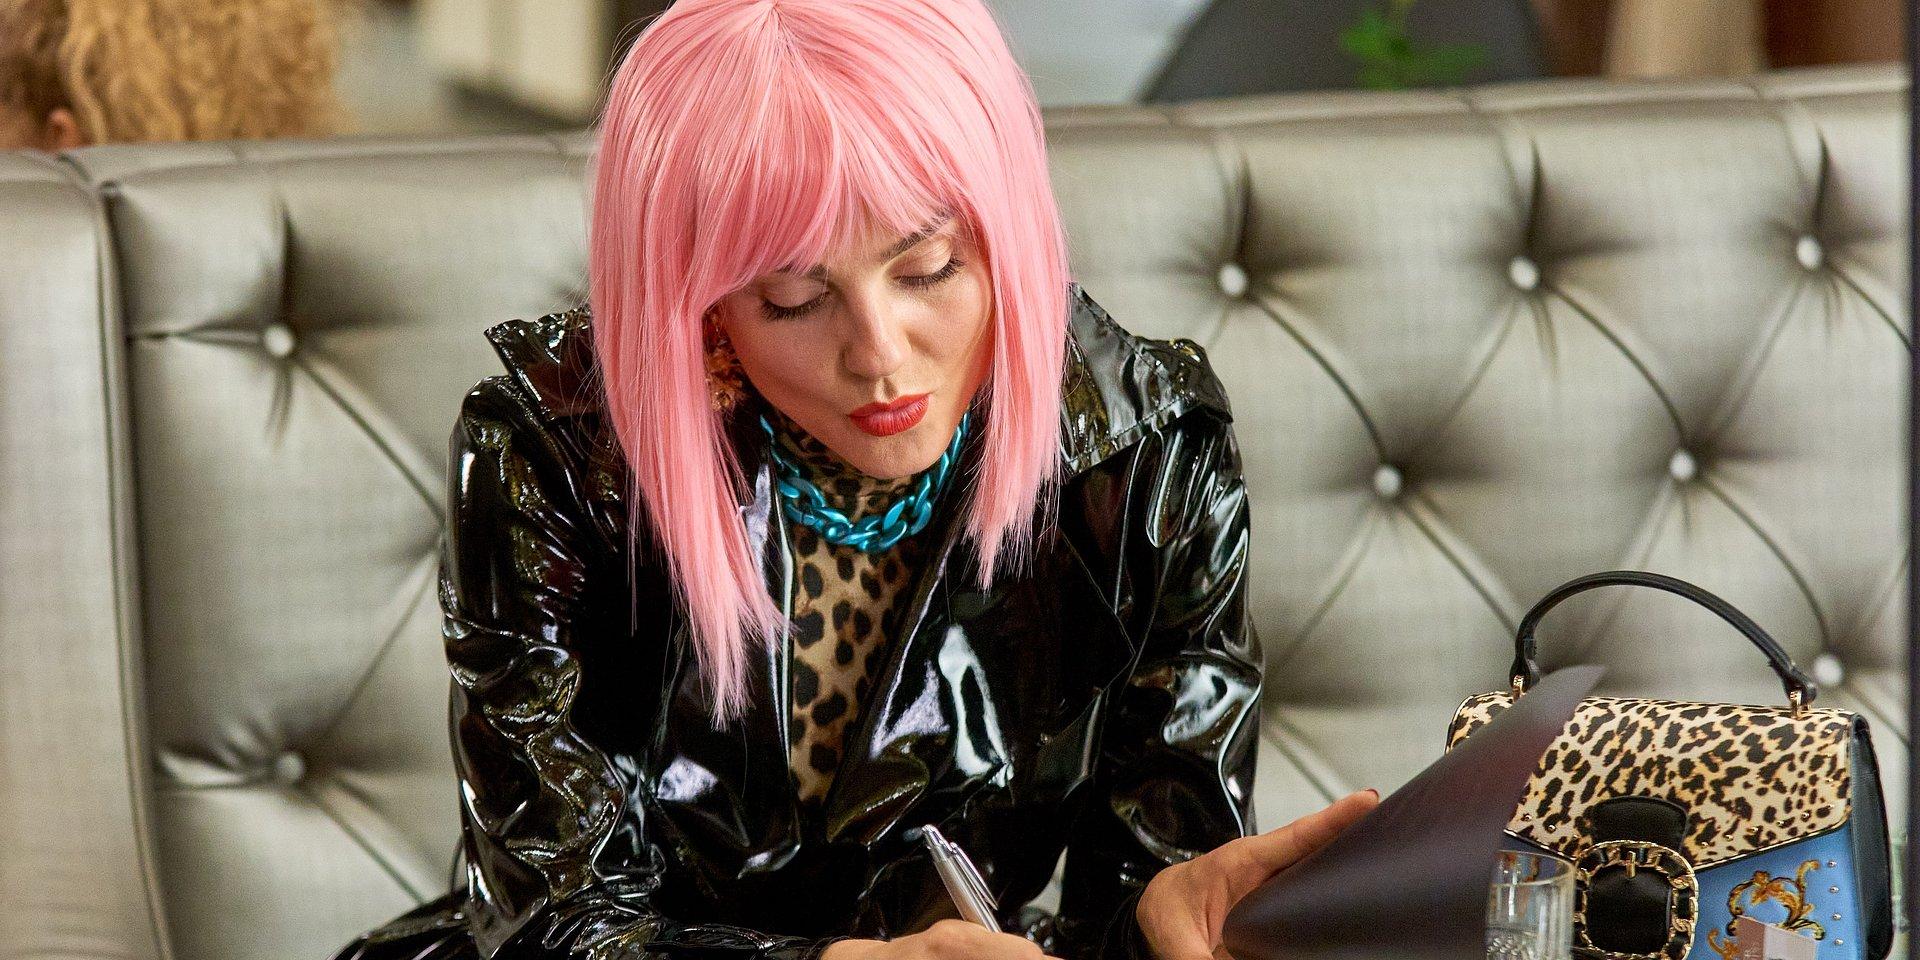 BrzydUla: Sebastian umawia się z Violettą w hotelu.